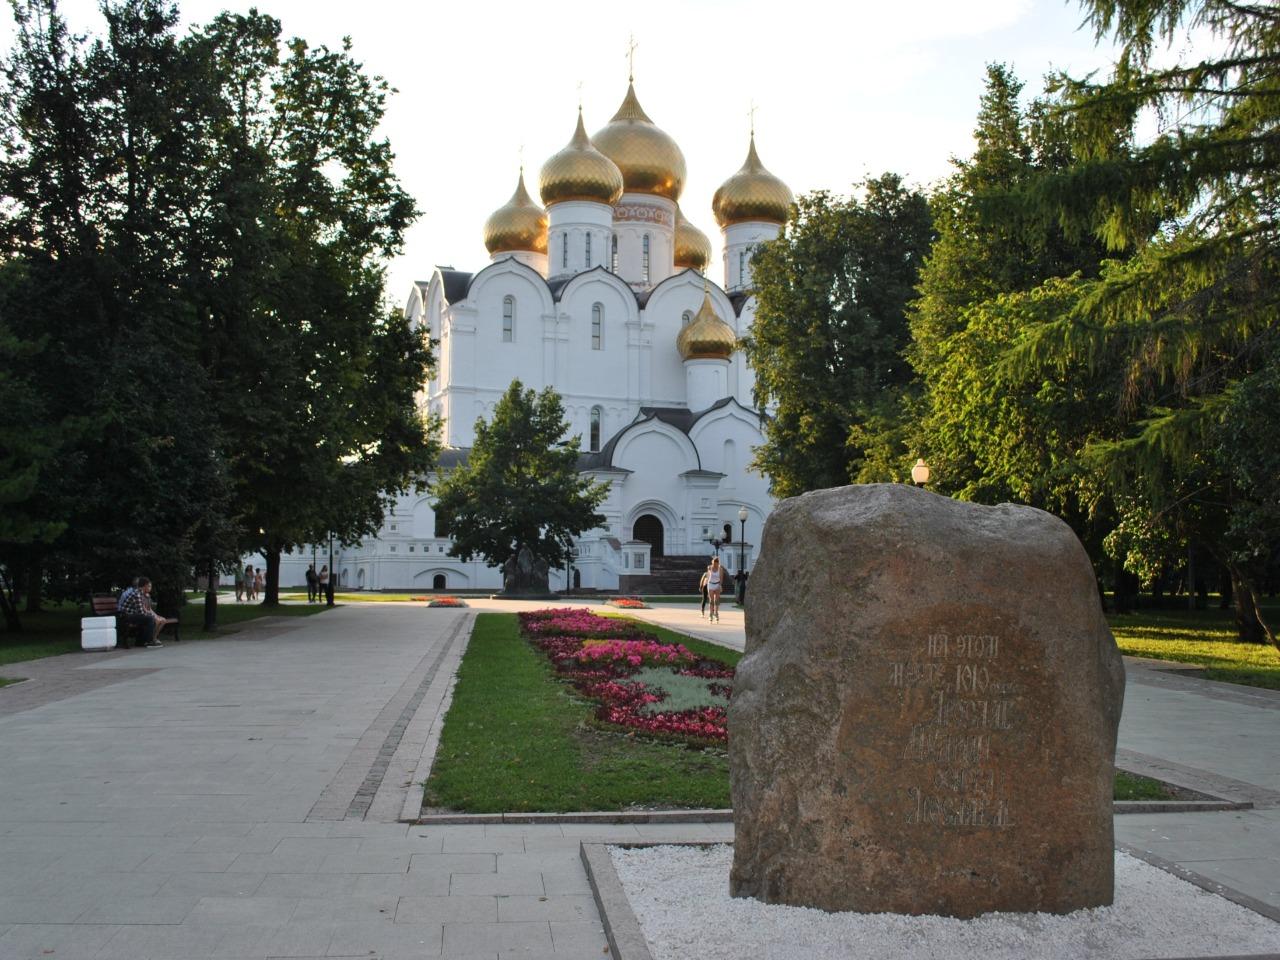 Ярославль - древний город легенд и символов - индивидуальная экскурсия в Ярославле от опытного гида